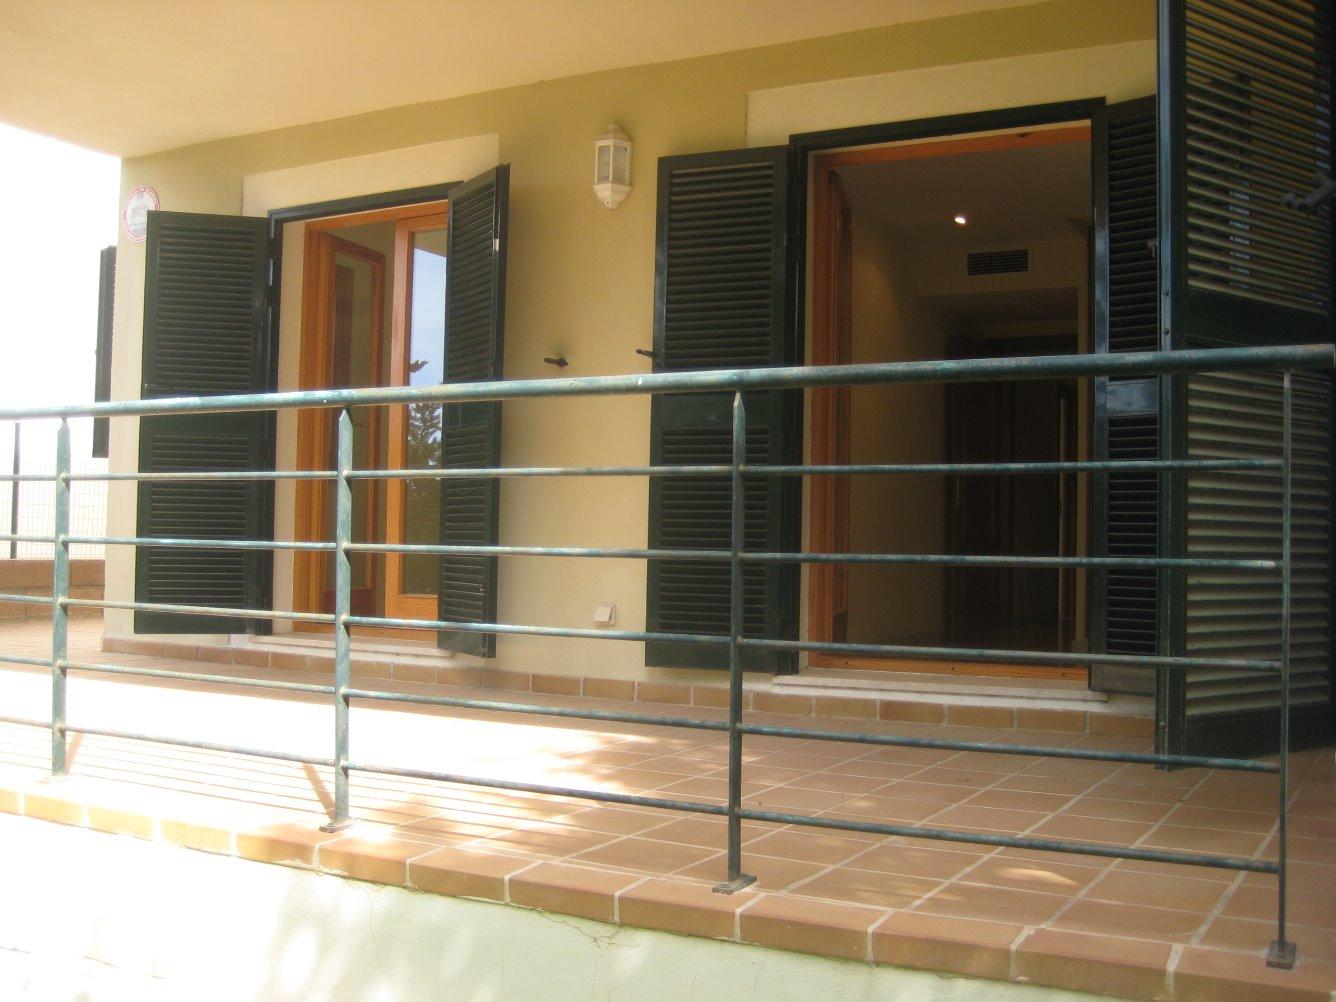 House  Ponent - bellver - son dureta- la teulera. Excelente planta baja en complejo residencial zona colegios san